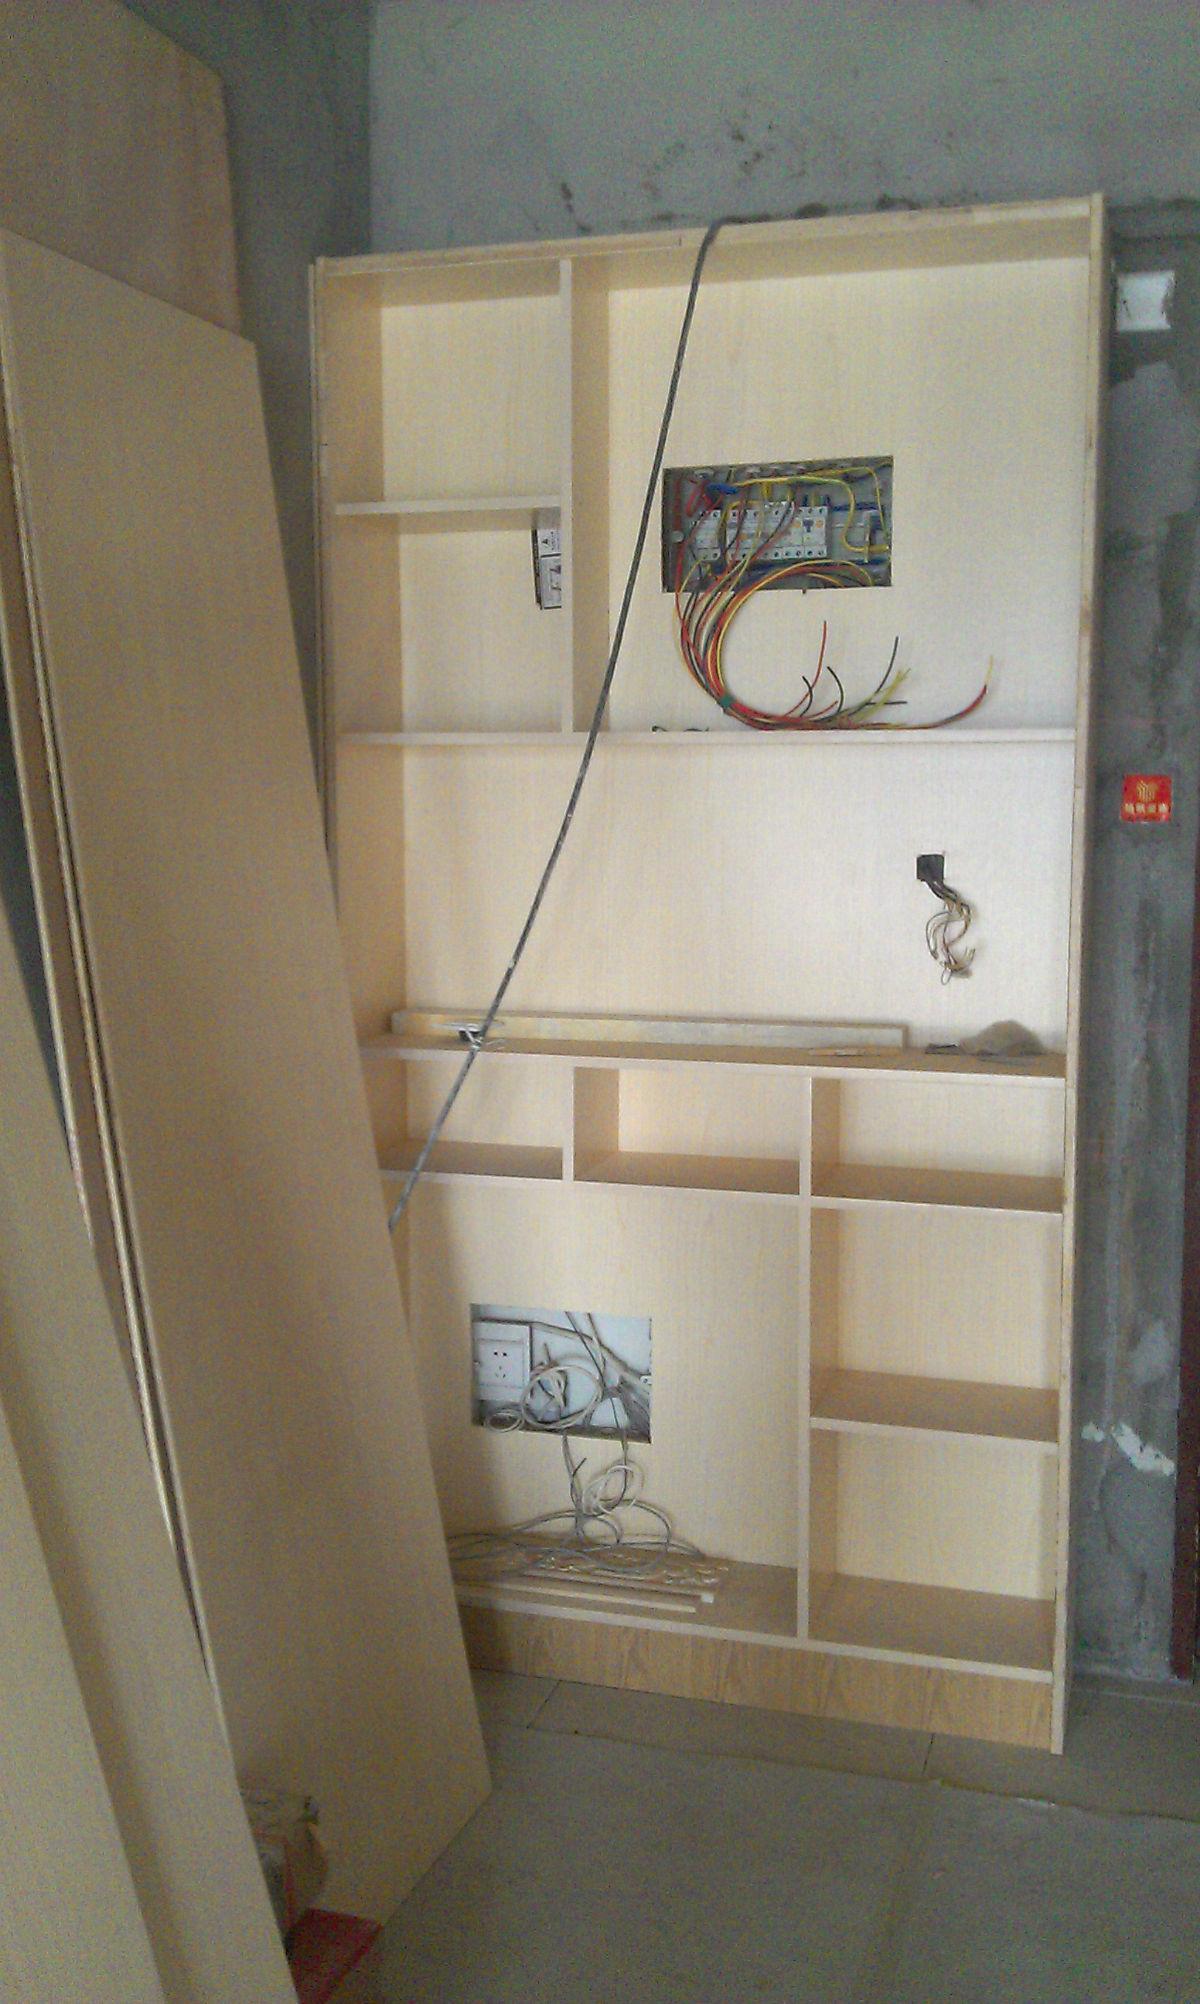 餐边柜做好了,两个电箱都包在柜子里,再做上活动层板,可以放东西,需要